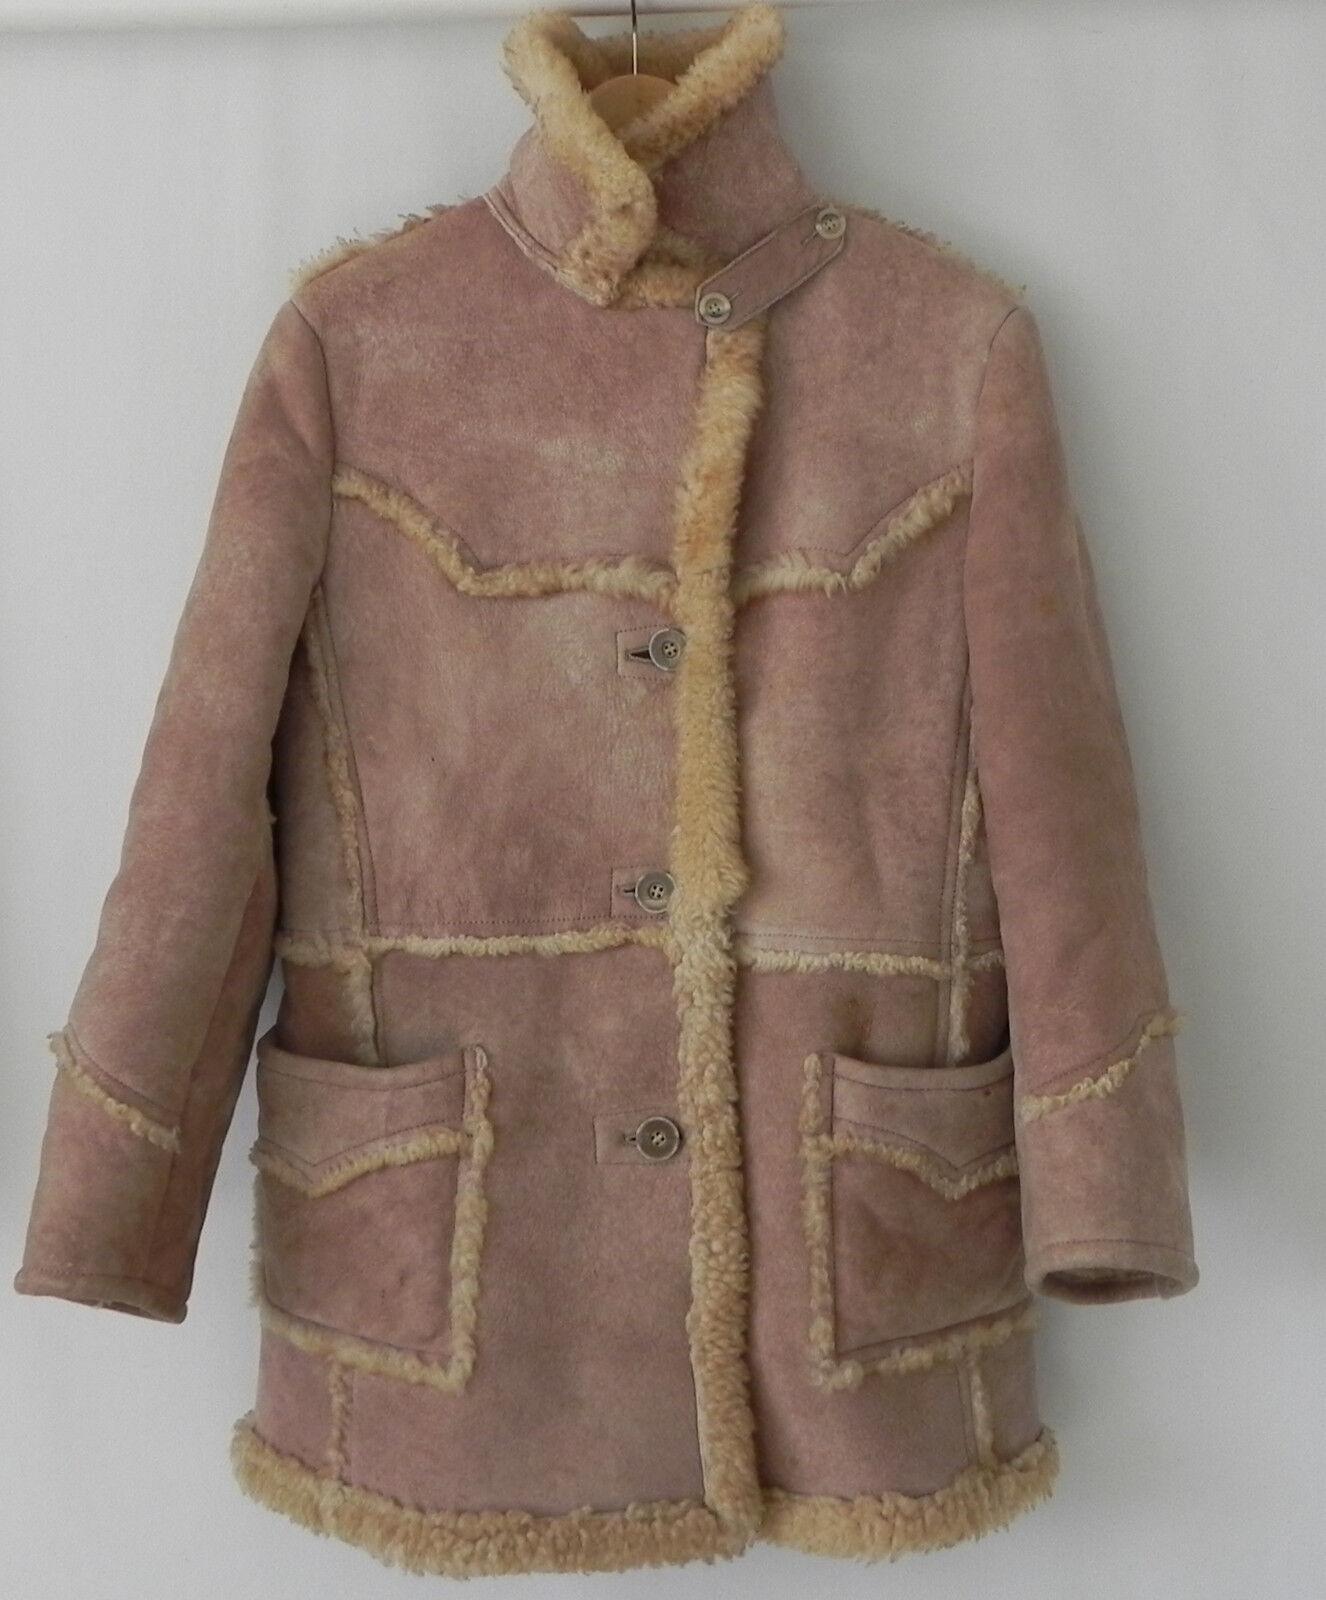 De Colección Justin Shearling Piel de los  bolsillos de abrigo Abrigo De Cuero Talla M Extra Raro  artículos novedosos